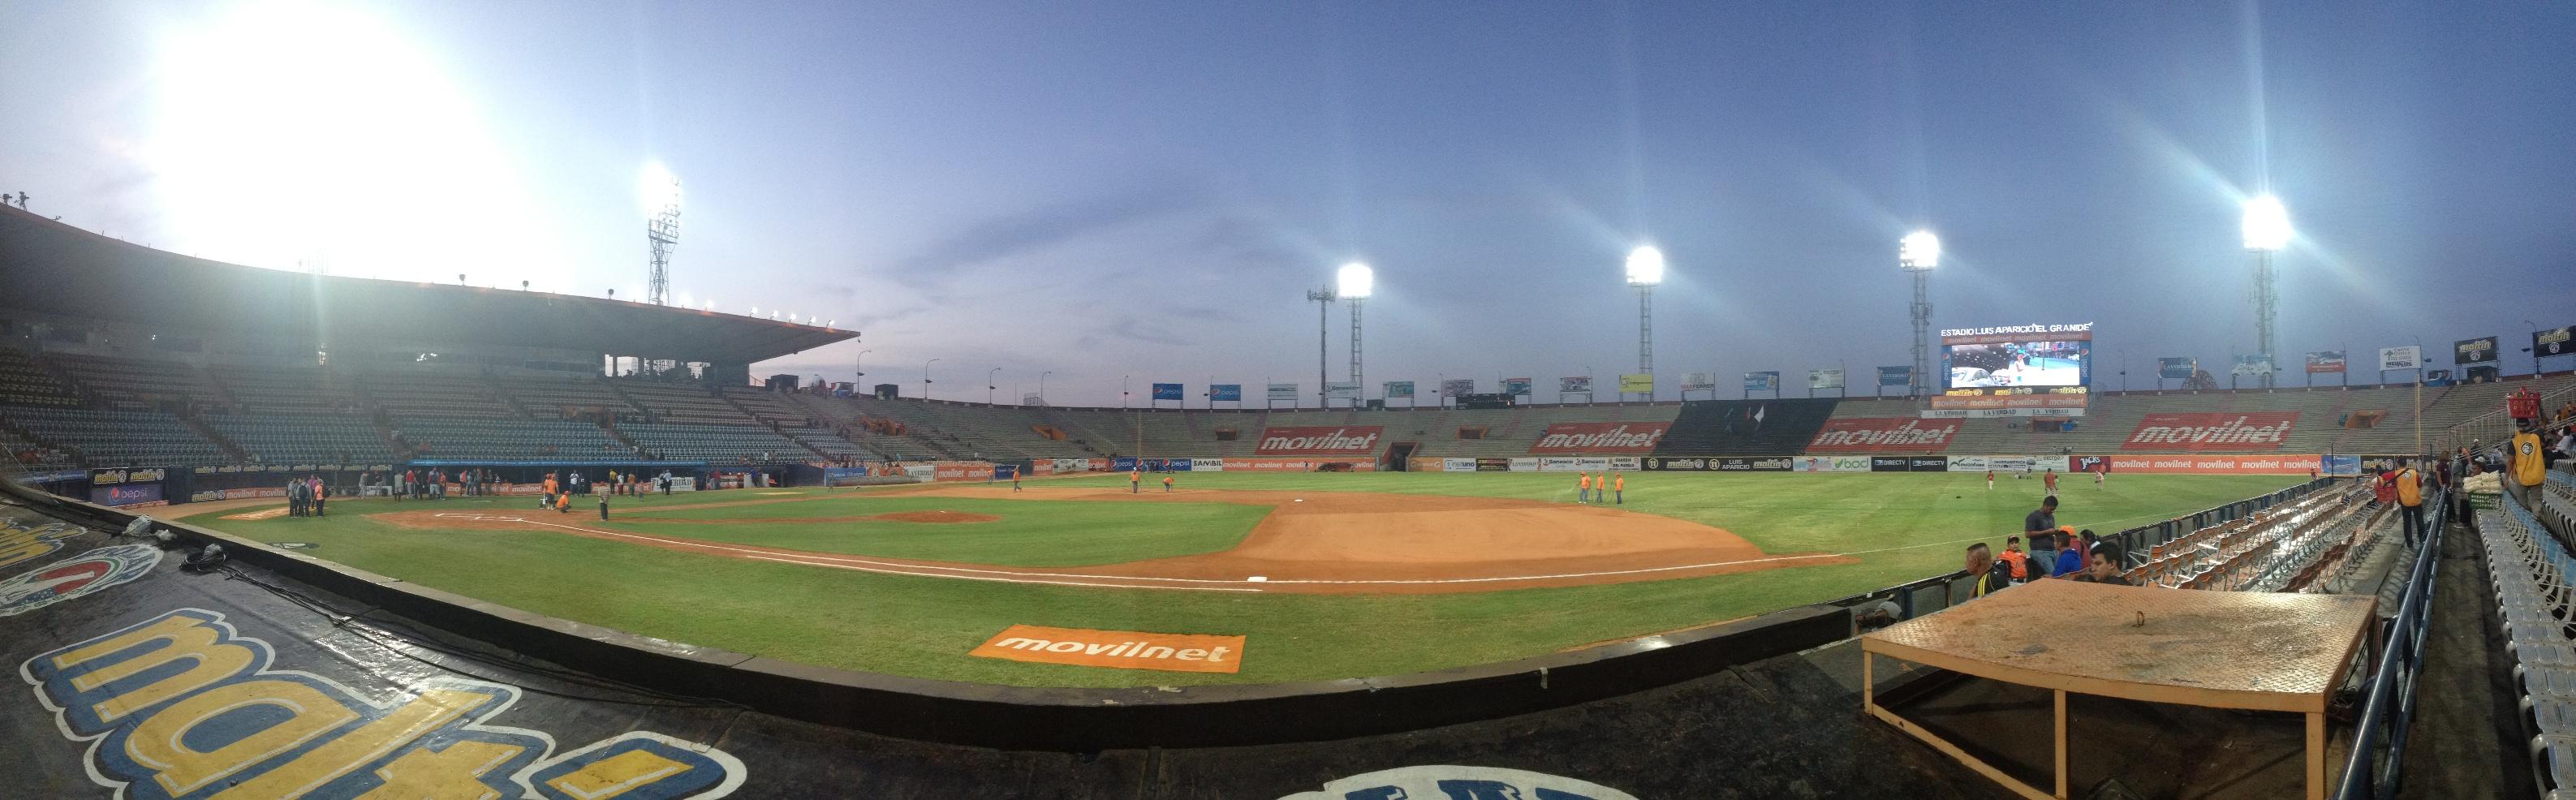 """El estadio Luis Aparicio """"El Grande"""" se convirtió en el primer """"Ecoestadio"""" del país como parte de una iniciativa ecologica donde los desechos de cada partido podrán ser reciclados"""